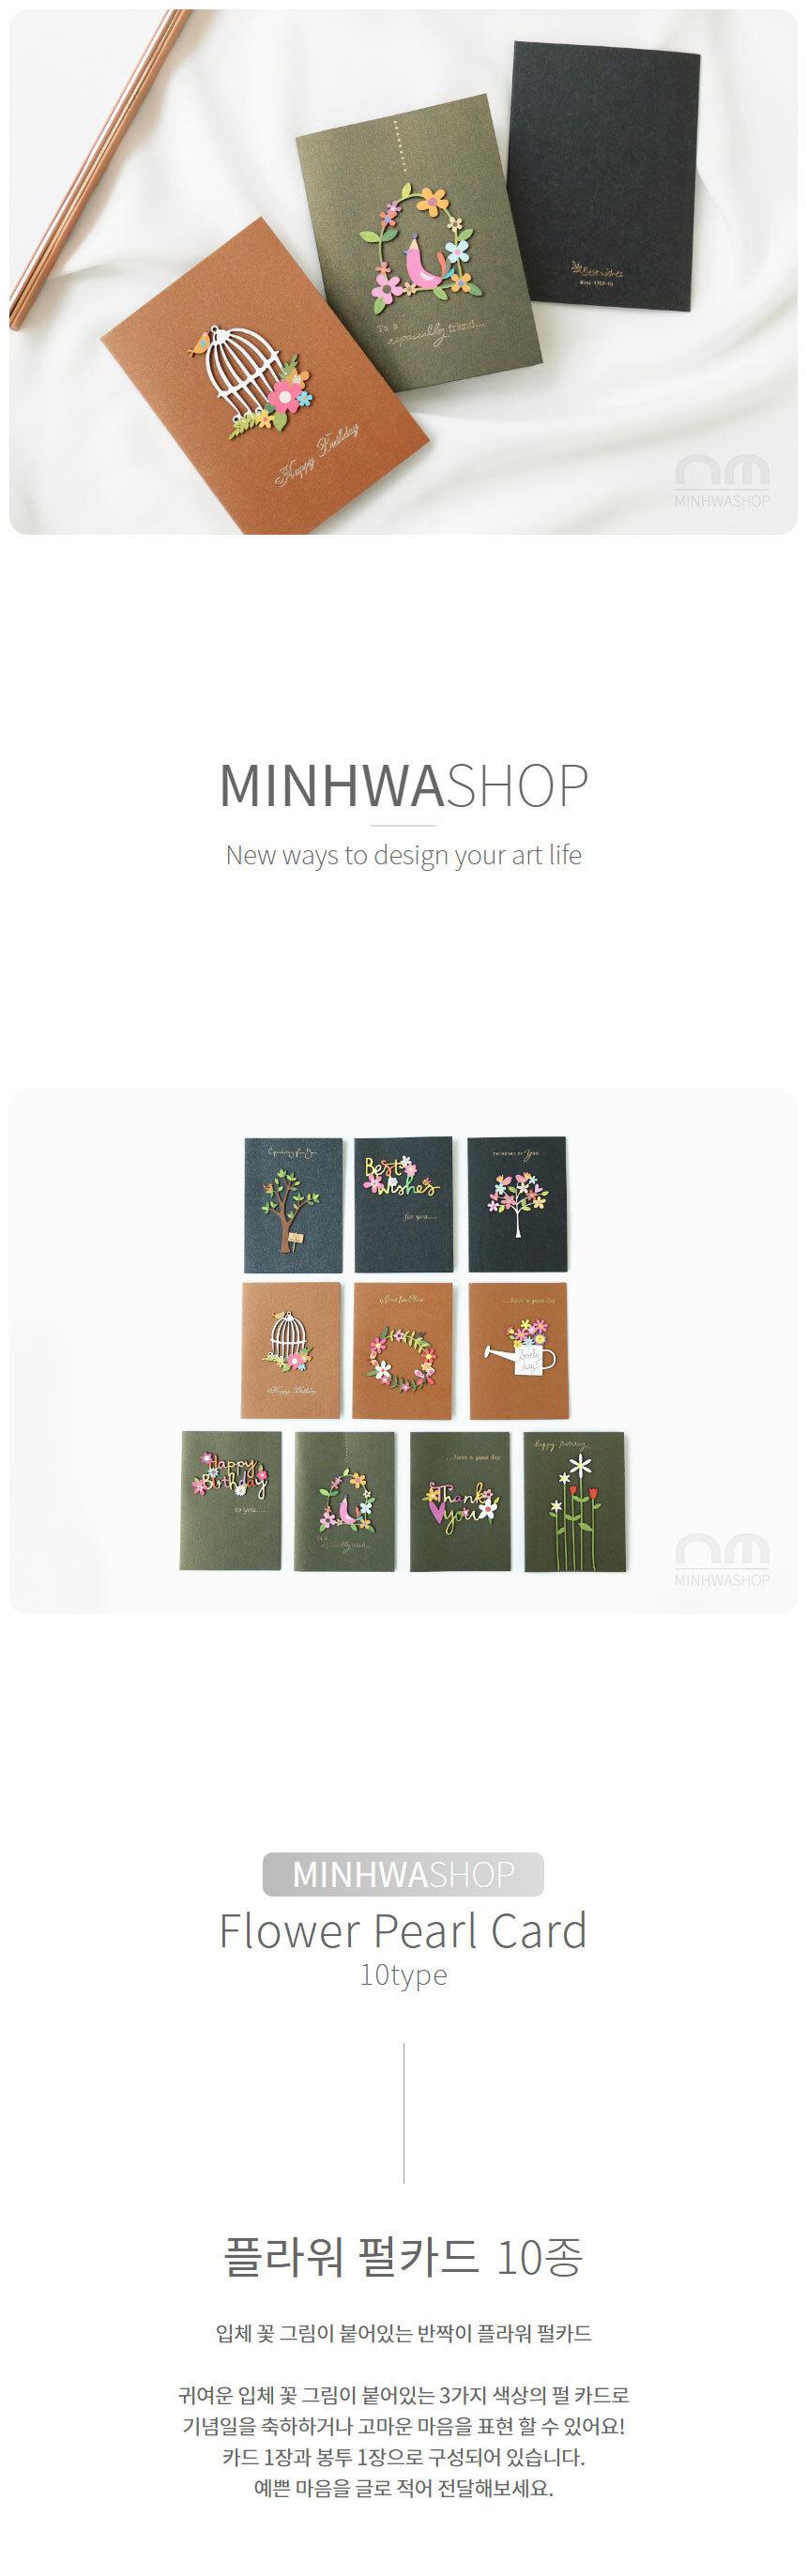 메세지카드 입체 꽃카드 10종 UFCCA003Z950원-민화샵디자인문구, 카드/편지/봉투, 카드, 축하 카드바보사랑메세지카드 입체 꽃카드 10종 UFCCA003Z950원-민화샵디자인문구, 카드/편지/봉투, 카드, 축하 카드바보사랑